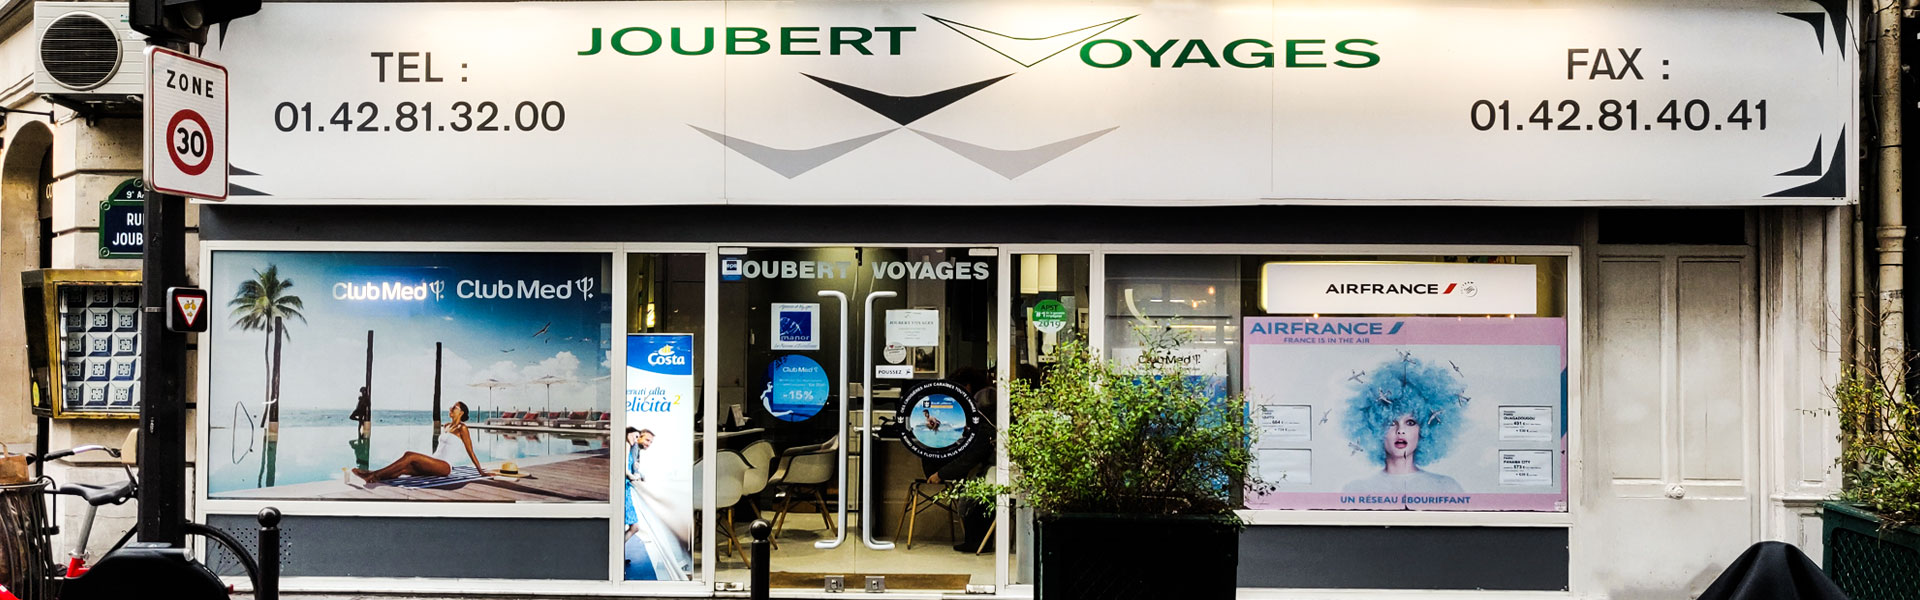 Agence Joubert Voyages Paris